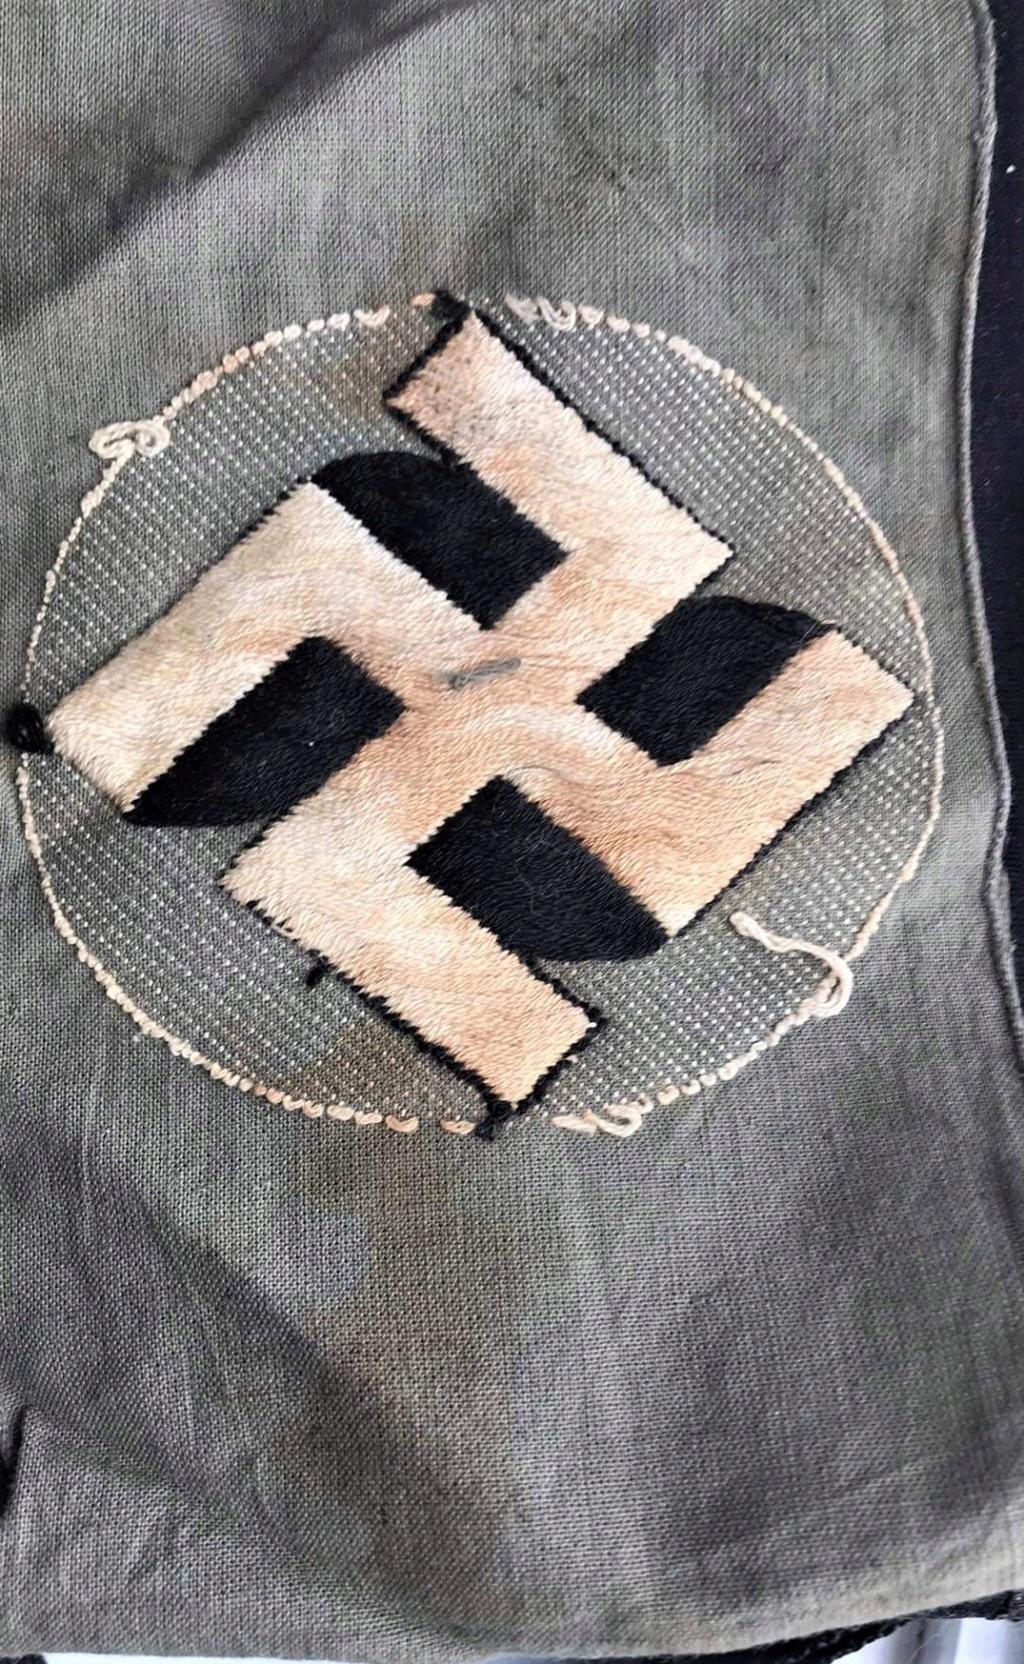 Brassard Allemand Stahlhelm 1930/33 Img_0911